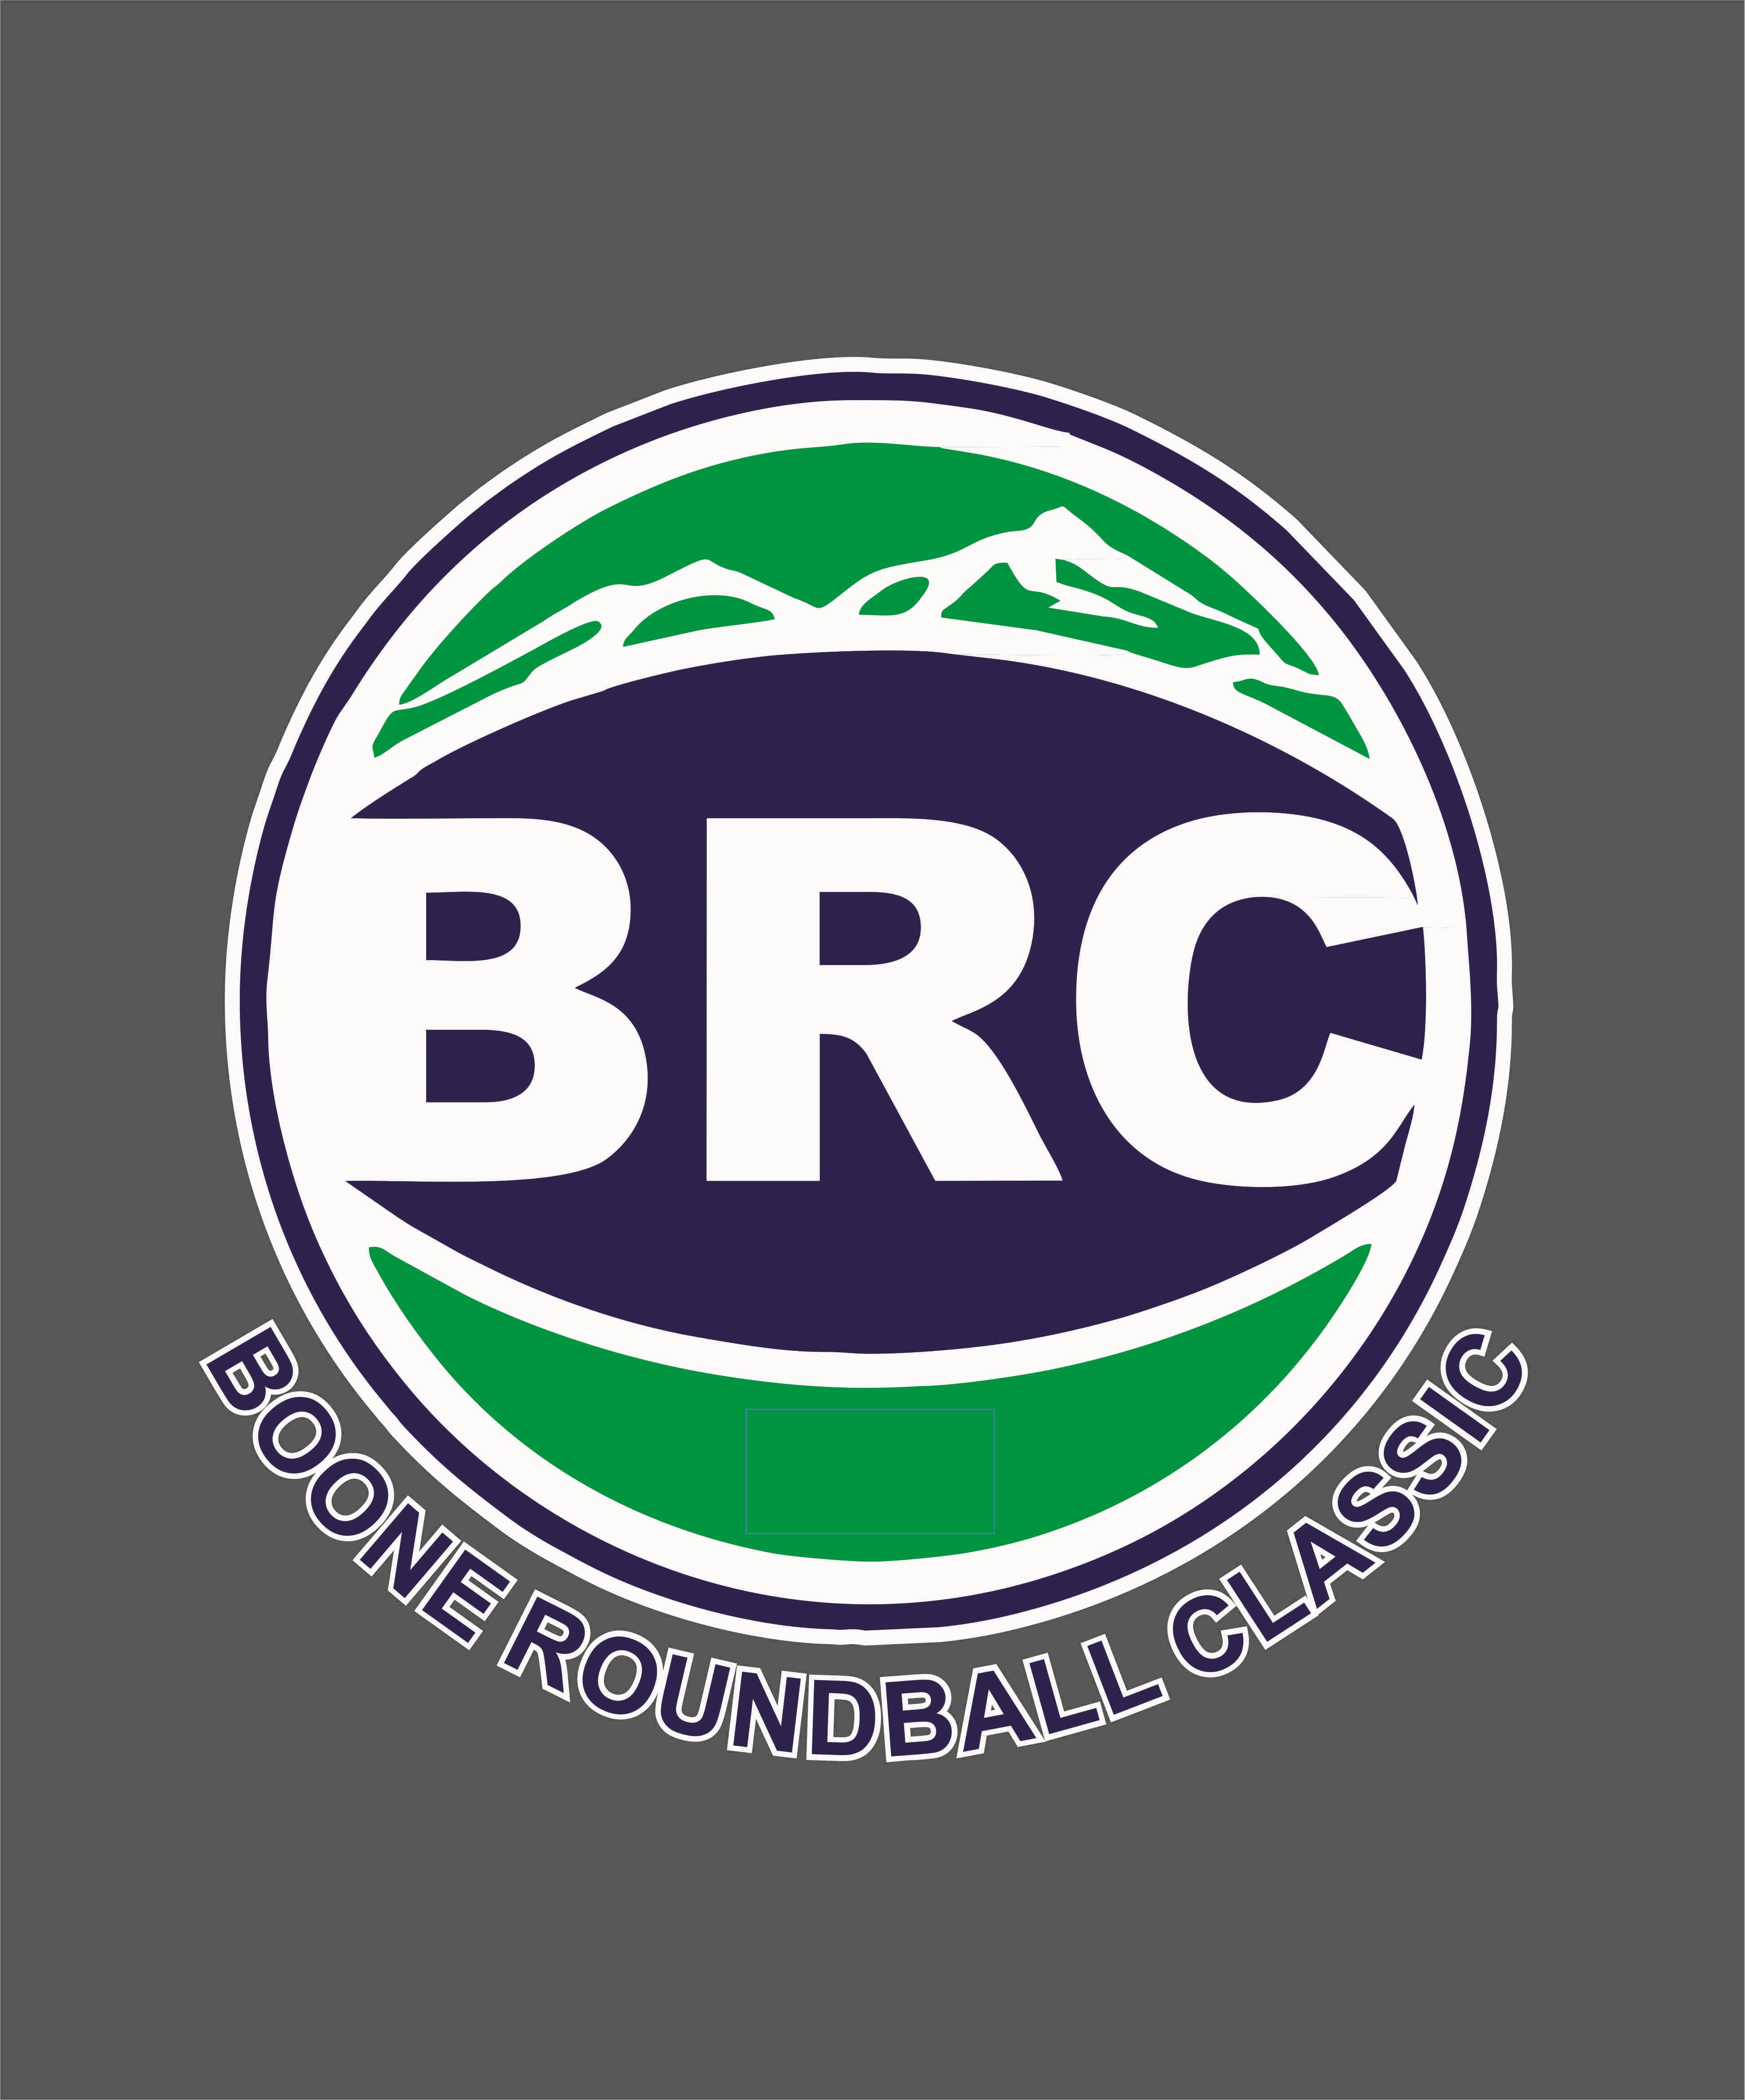 Boone Round Ball